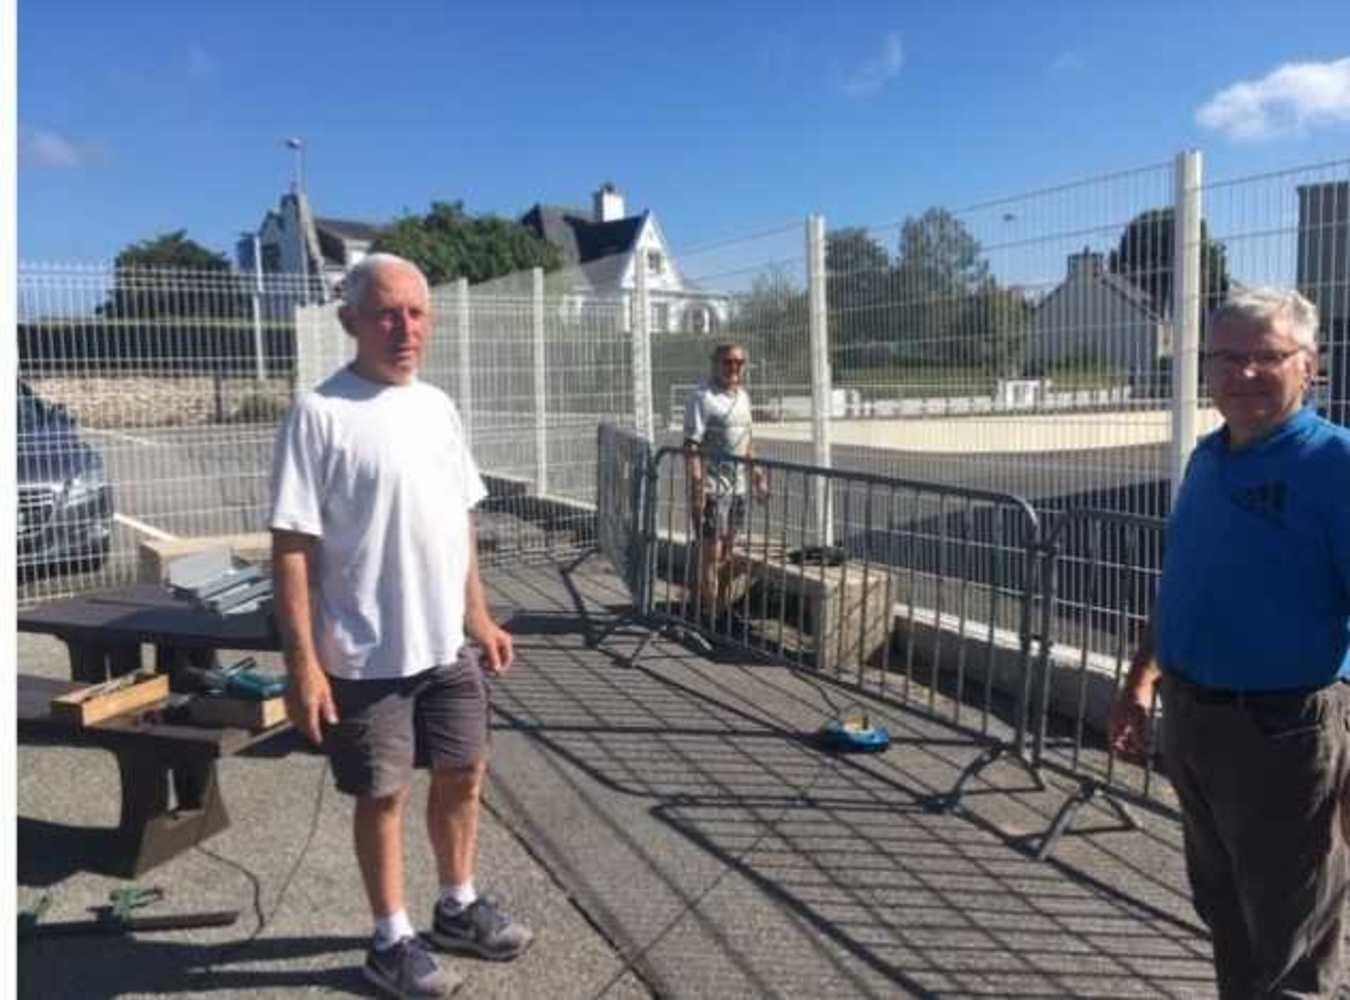 Samedi 14 septembre : Matinée nettoyage à l''école Saint-Pierre imagea